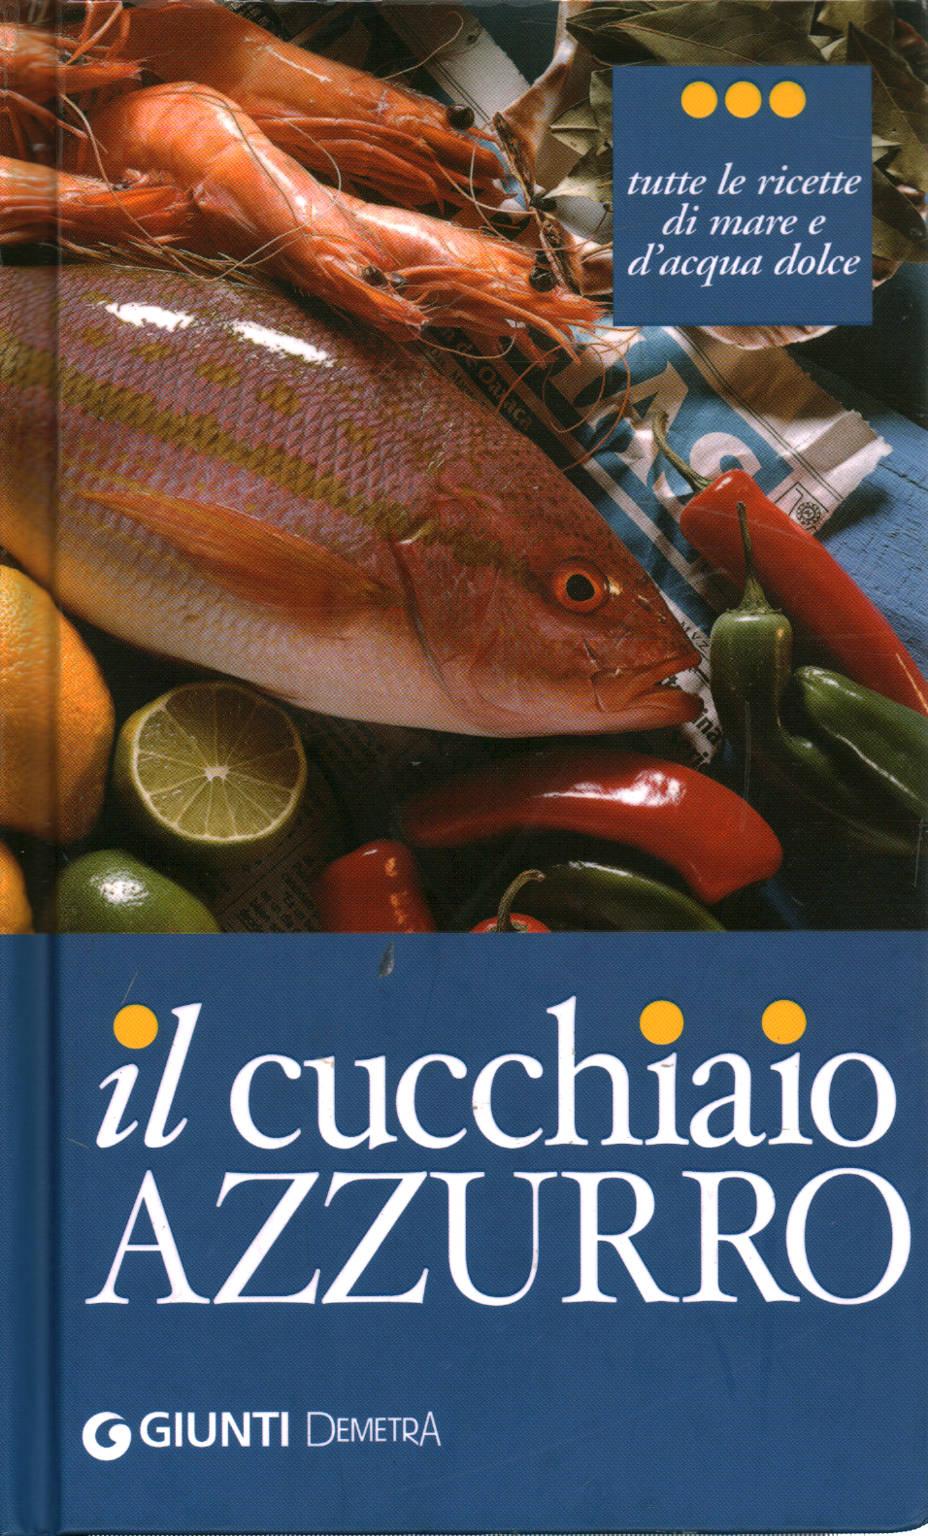 Il Cucchiaio Azzurro Oltre 800 Ricette Di Pesce Di Mare E Dacqua